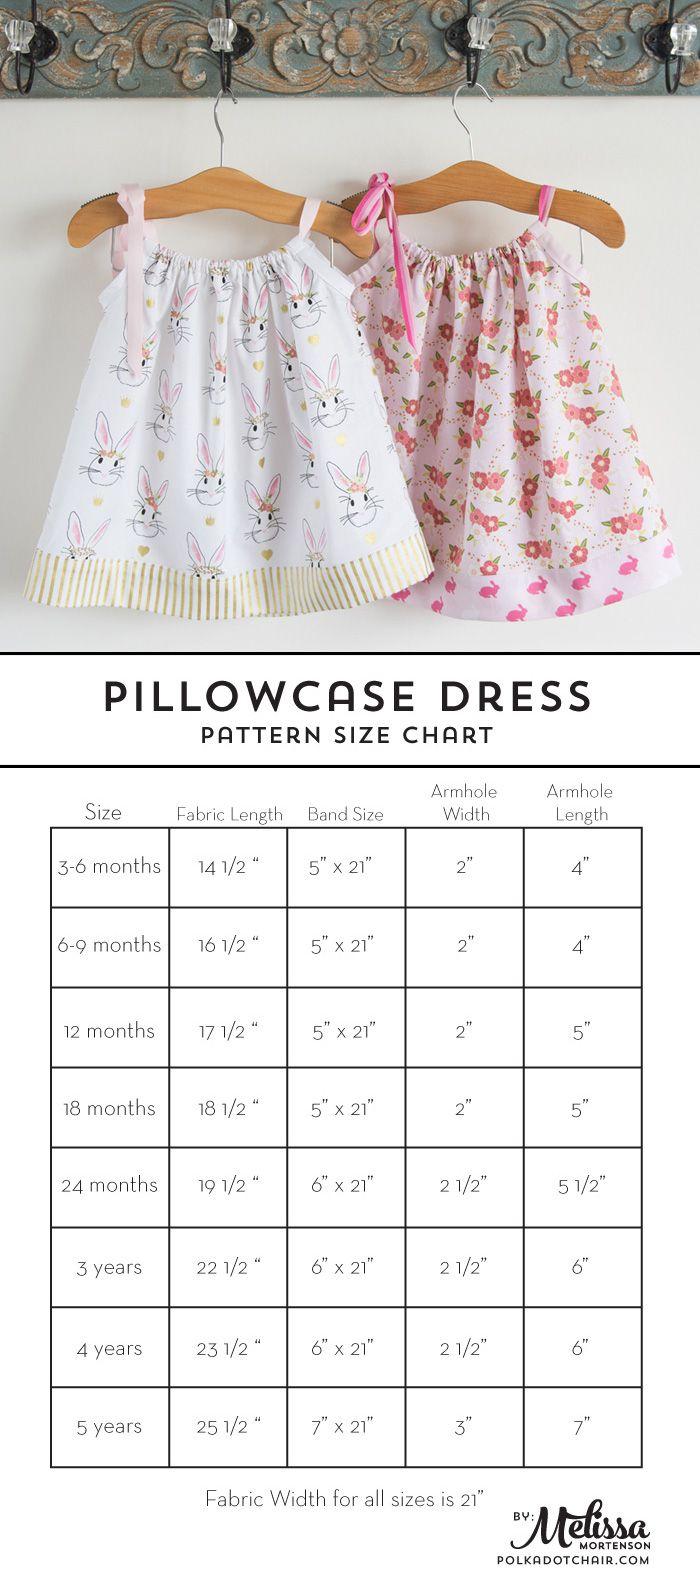 Pillowcase Dress Pattern and Size Chart